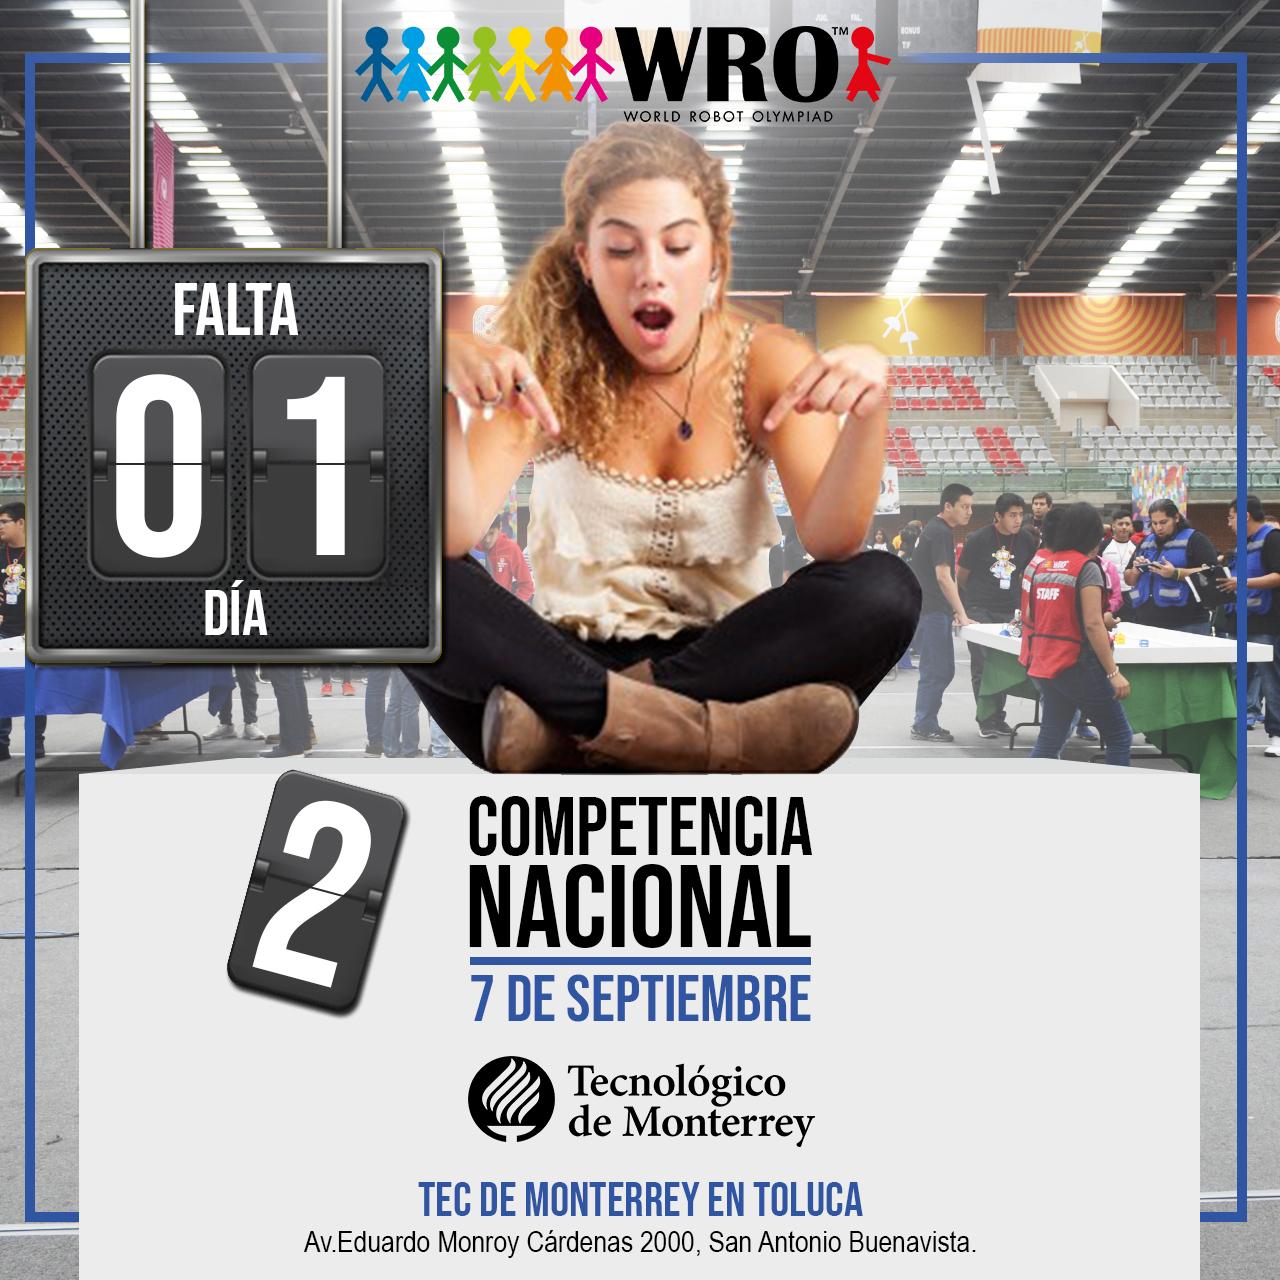 WRO México | Falta 1 día Nacional WRO